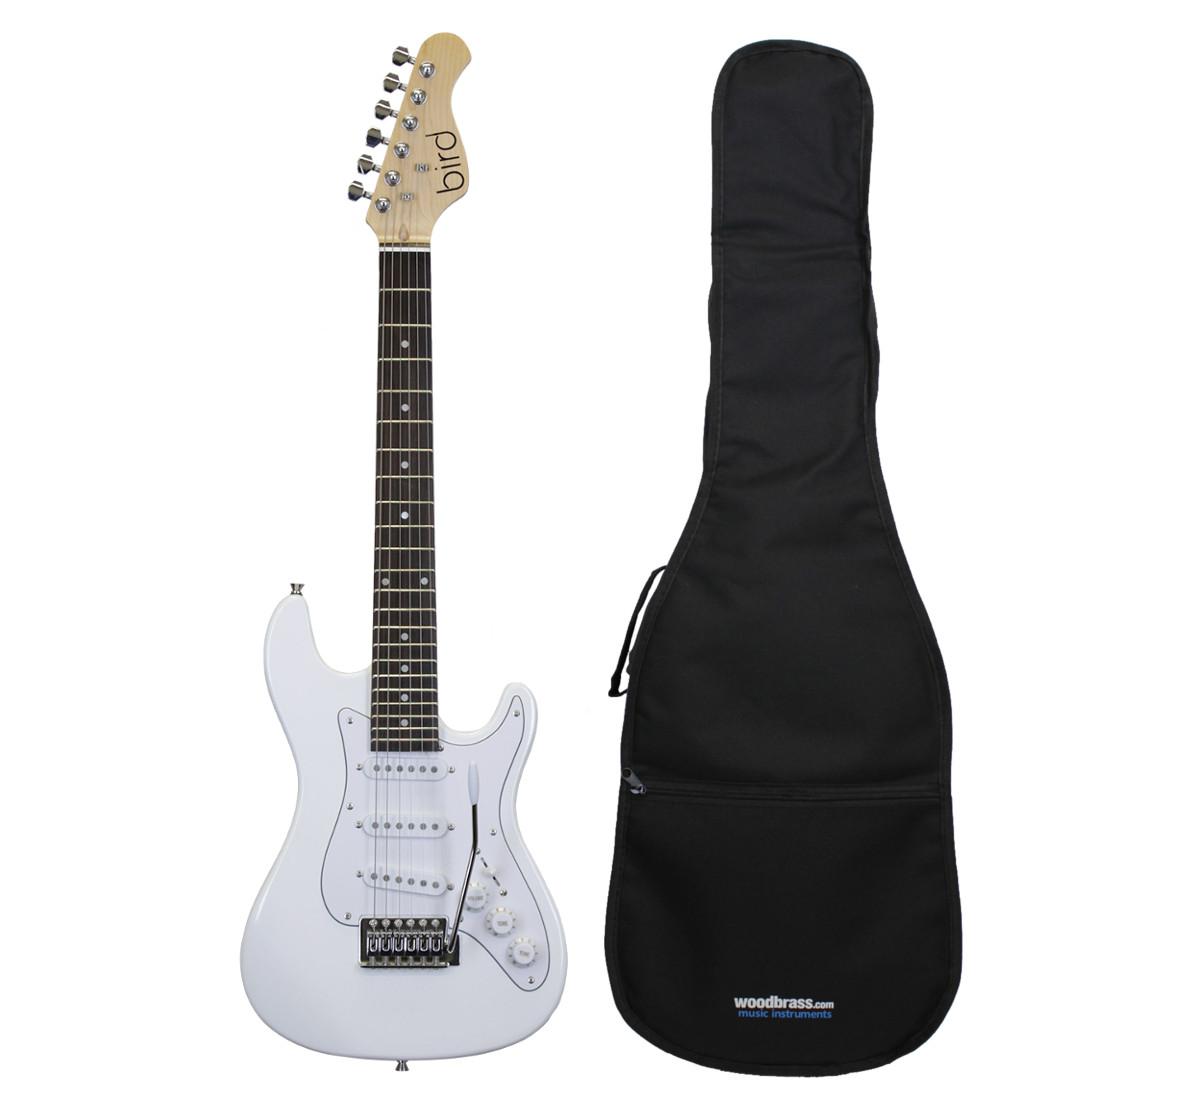 Bird Instruments Pack Stc20 Mini White + Egb10s